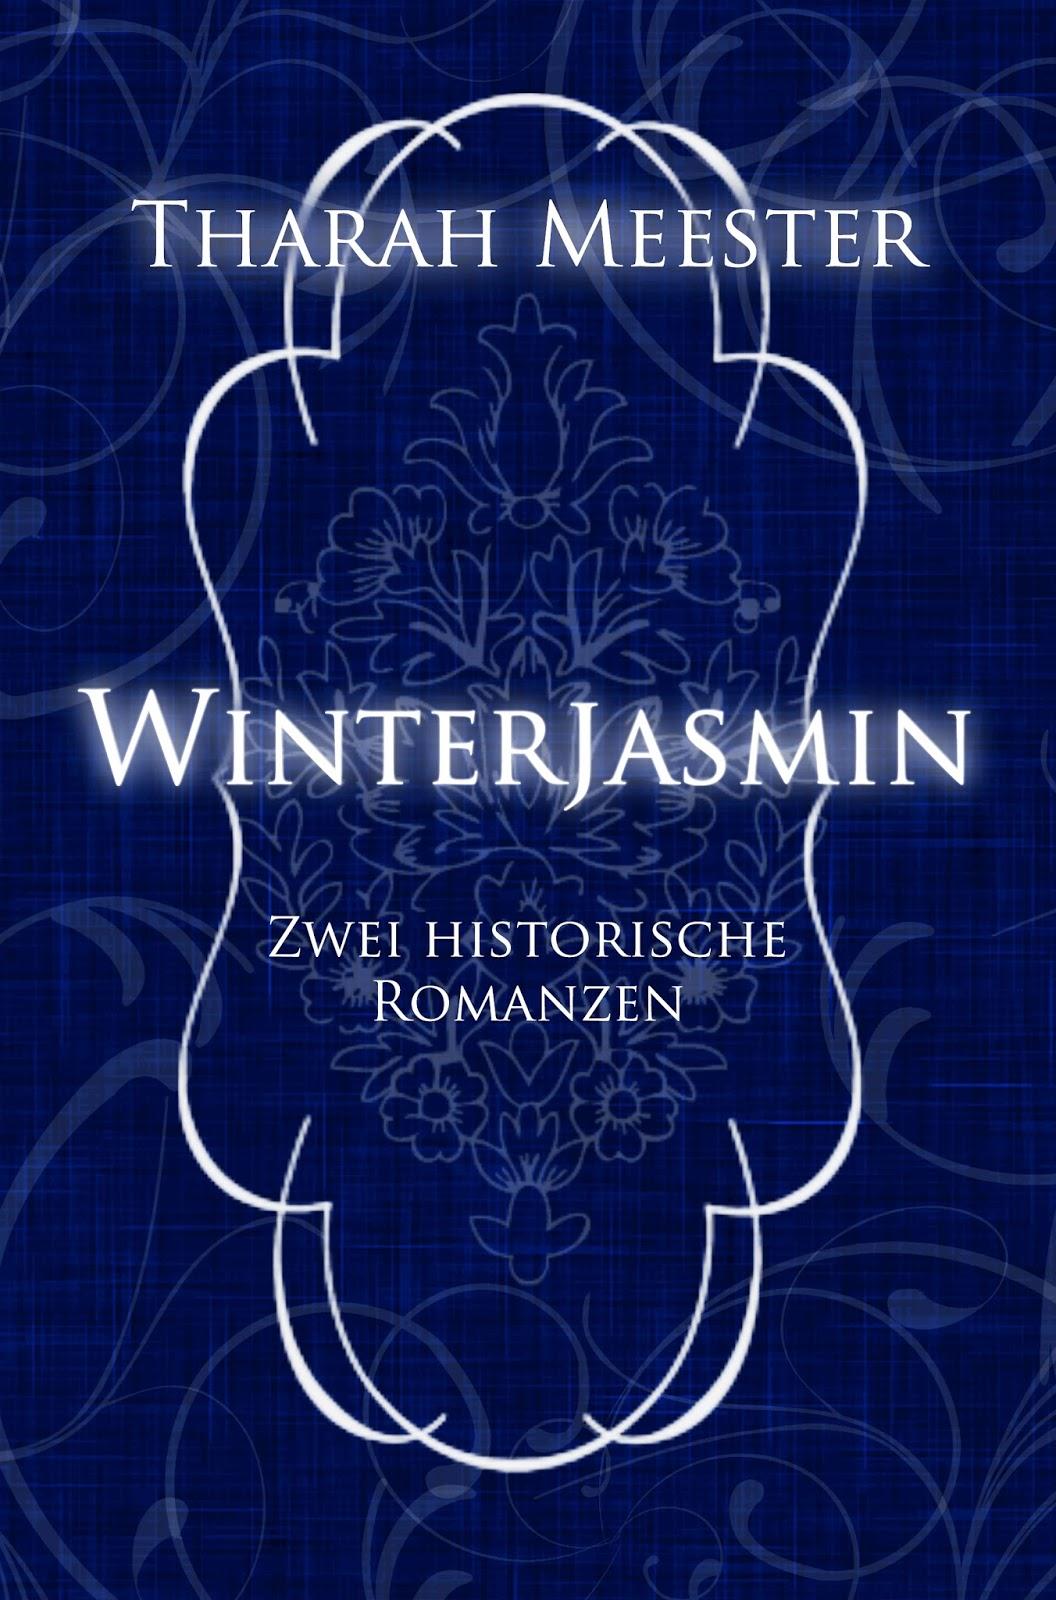 http://www.amazon.de/Winterjasmin-Tharah-Meester/dp/3950386696/ref=sr_1_1?ie=UTF8&qid=1410525759&sr=8-1&keywords=winterjasmin+tharah+meester